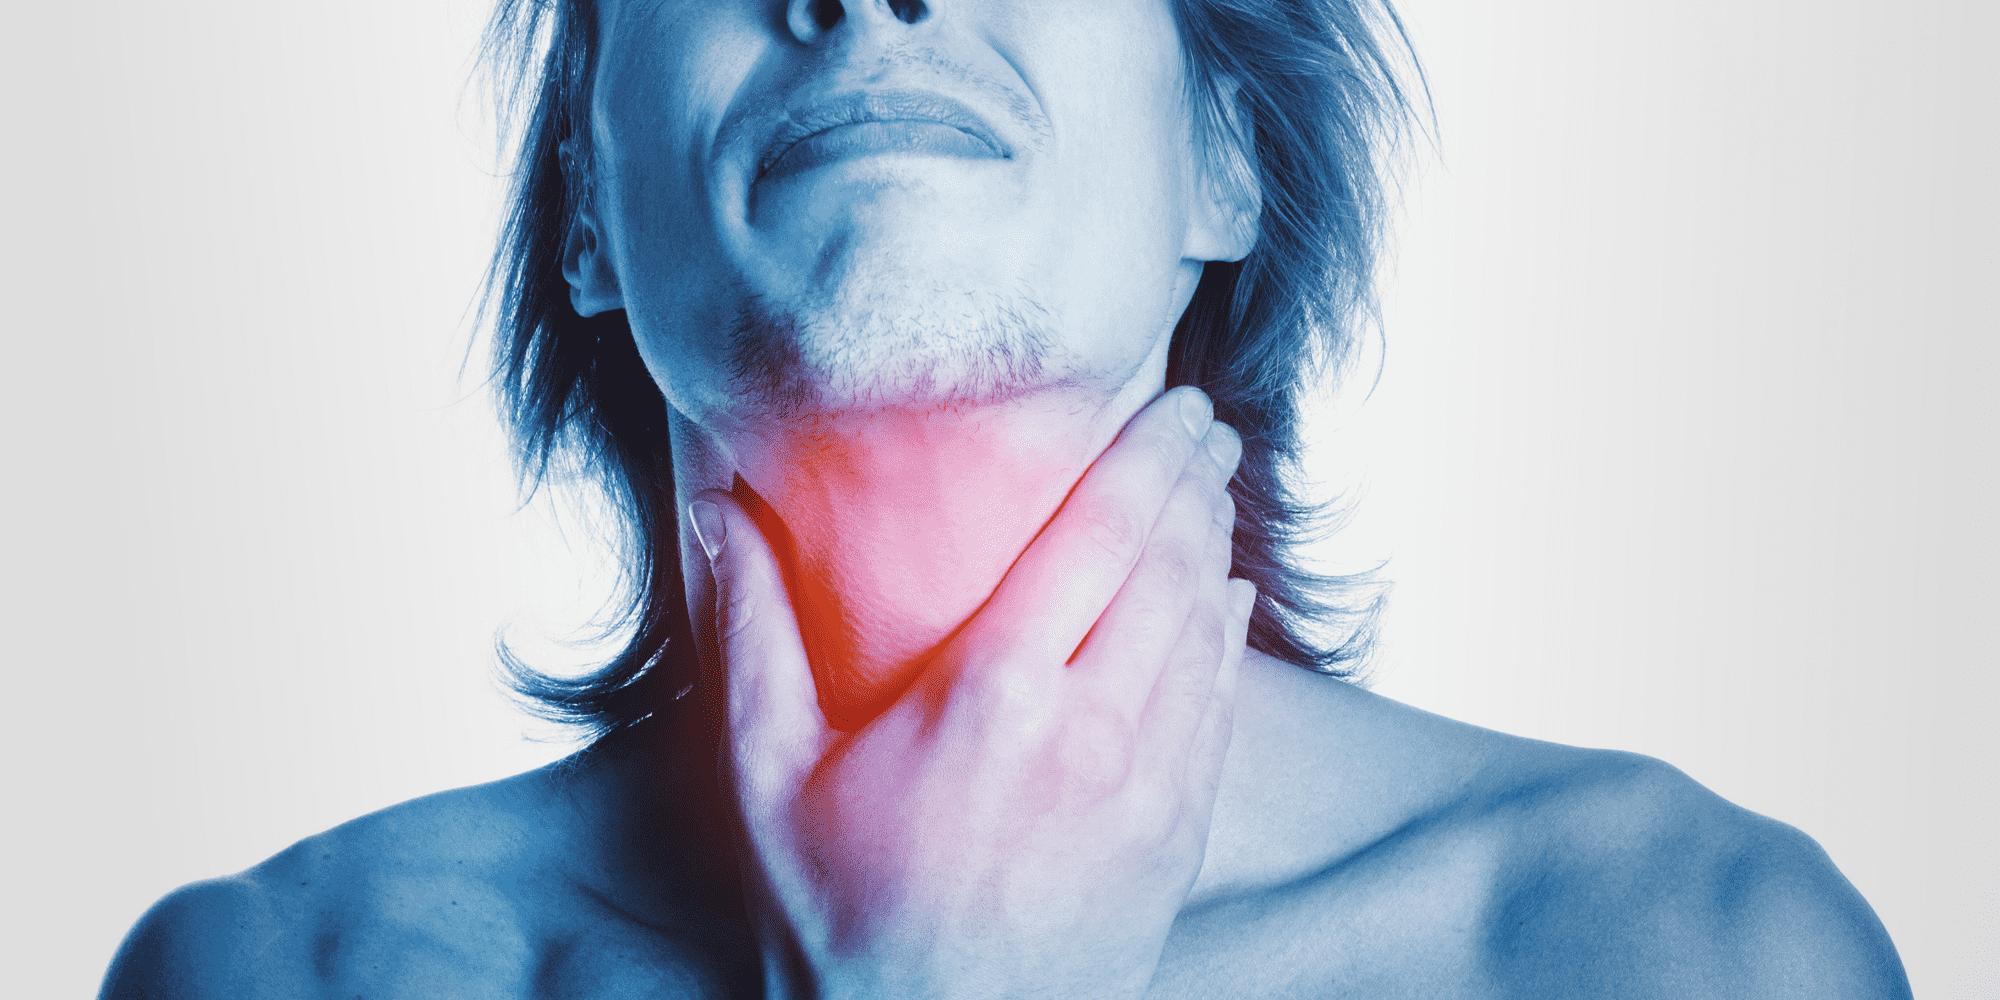 incidência de câncer de boca e garganta entre jovens aumenta em